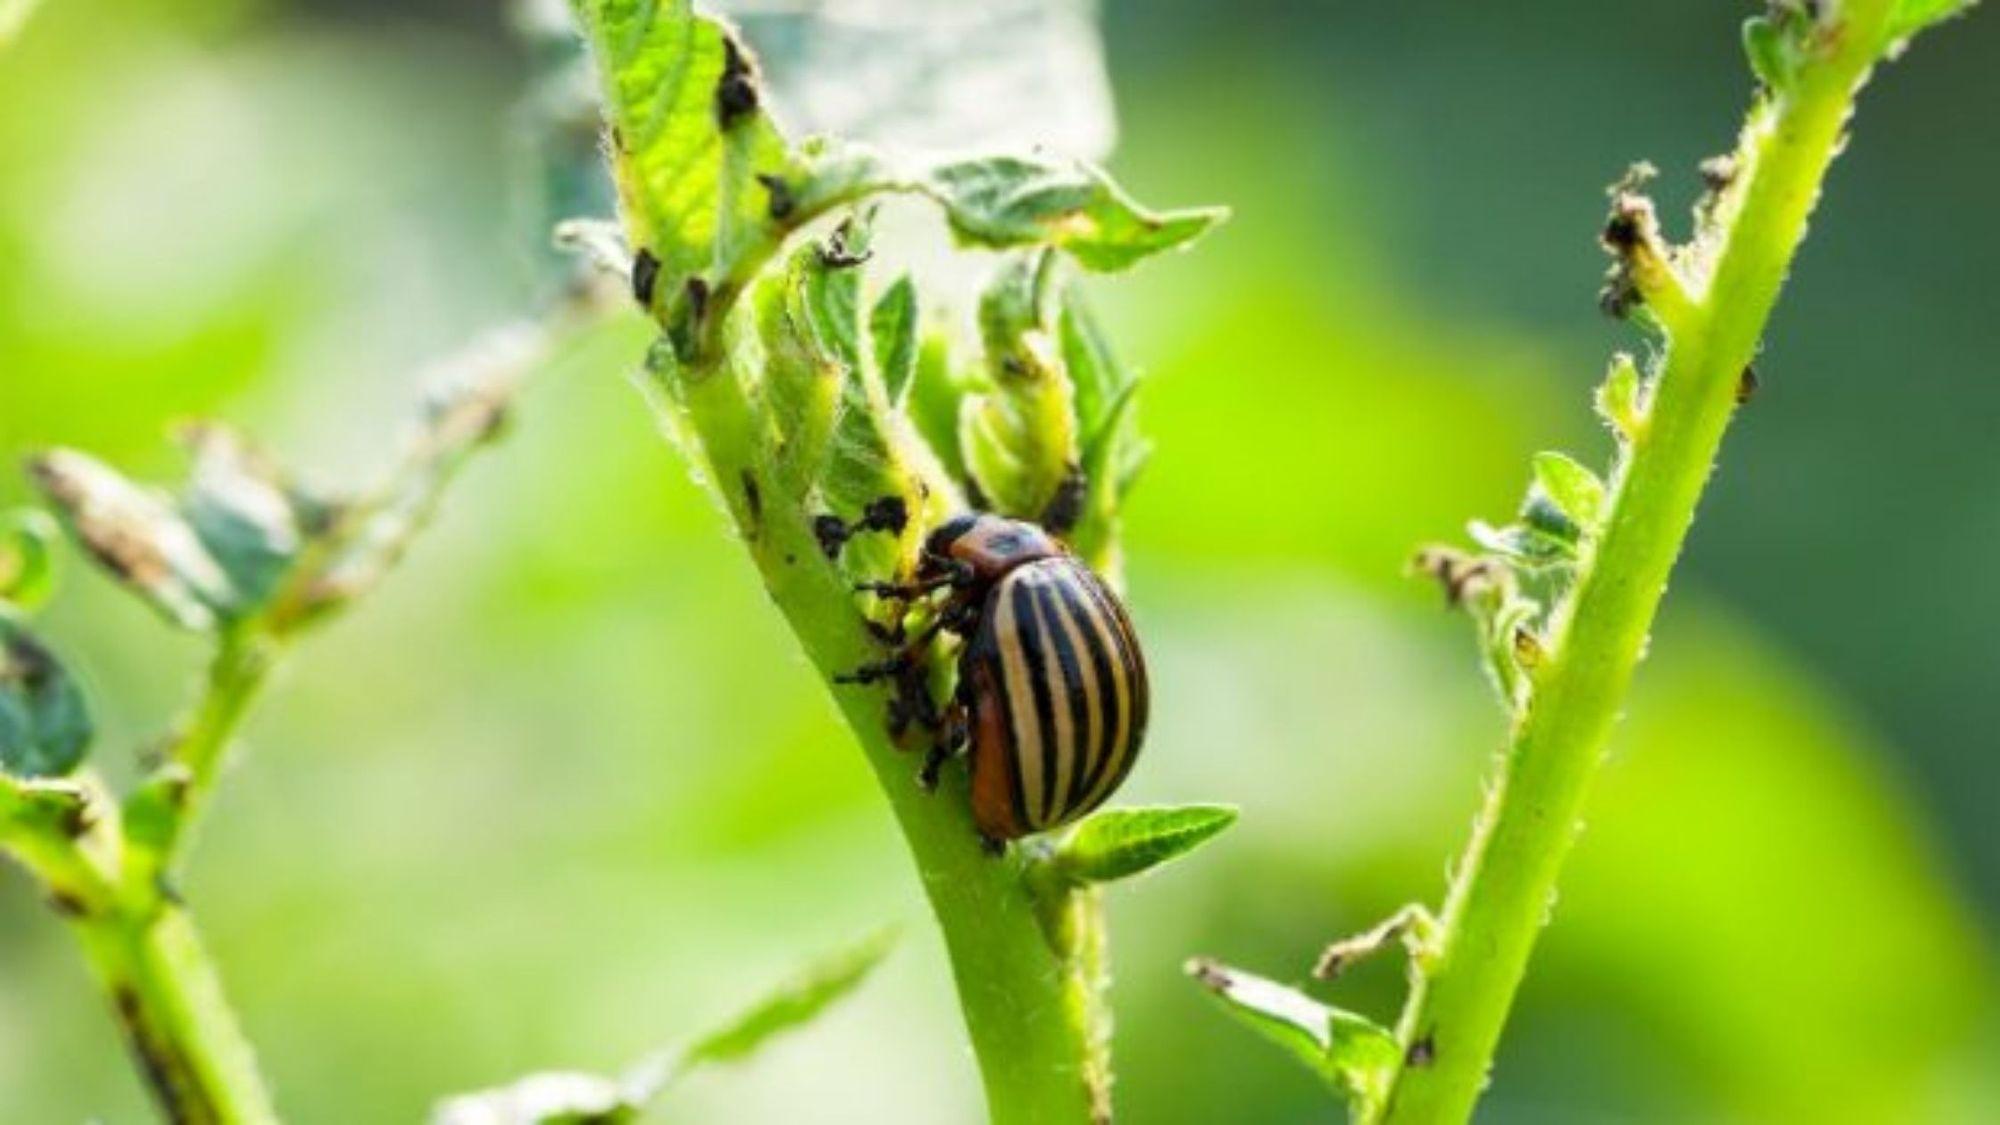 ¿Cómo impactan las plagas la agricultura a nivel mundial?